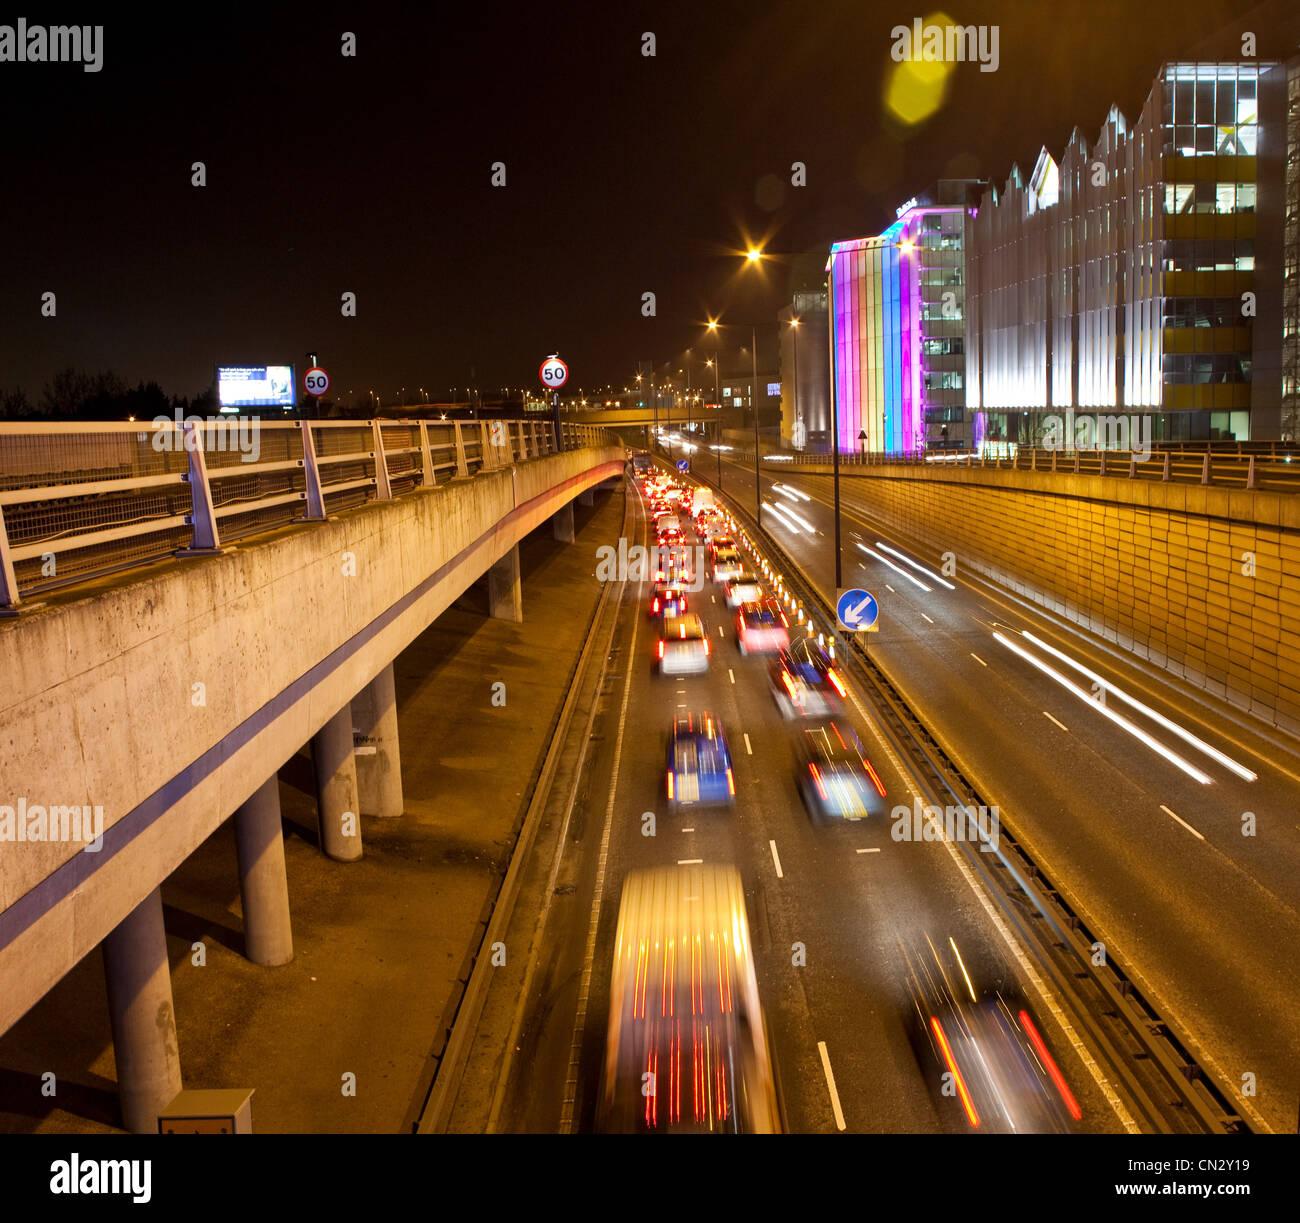 El tráfico en carretera en escena urbana por la noche, Londres, Inglaterra Imagen De Stock